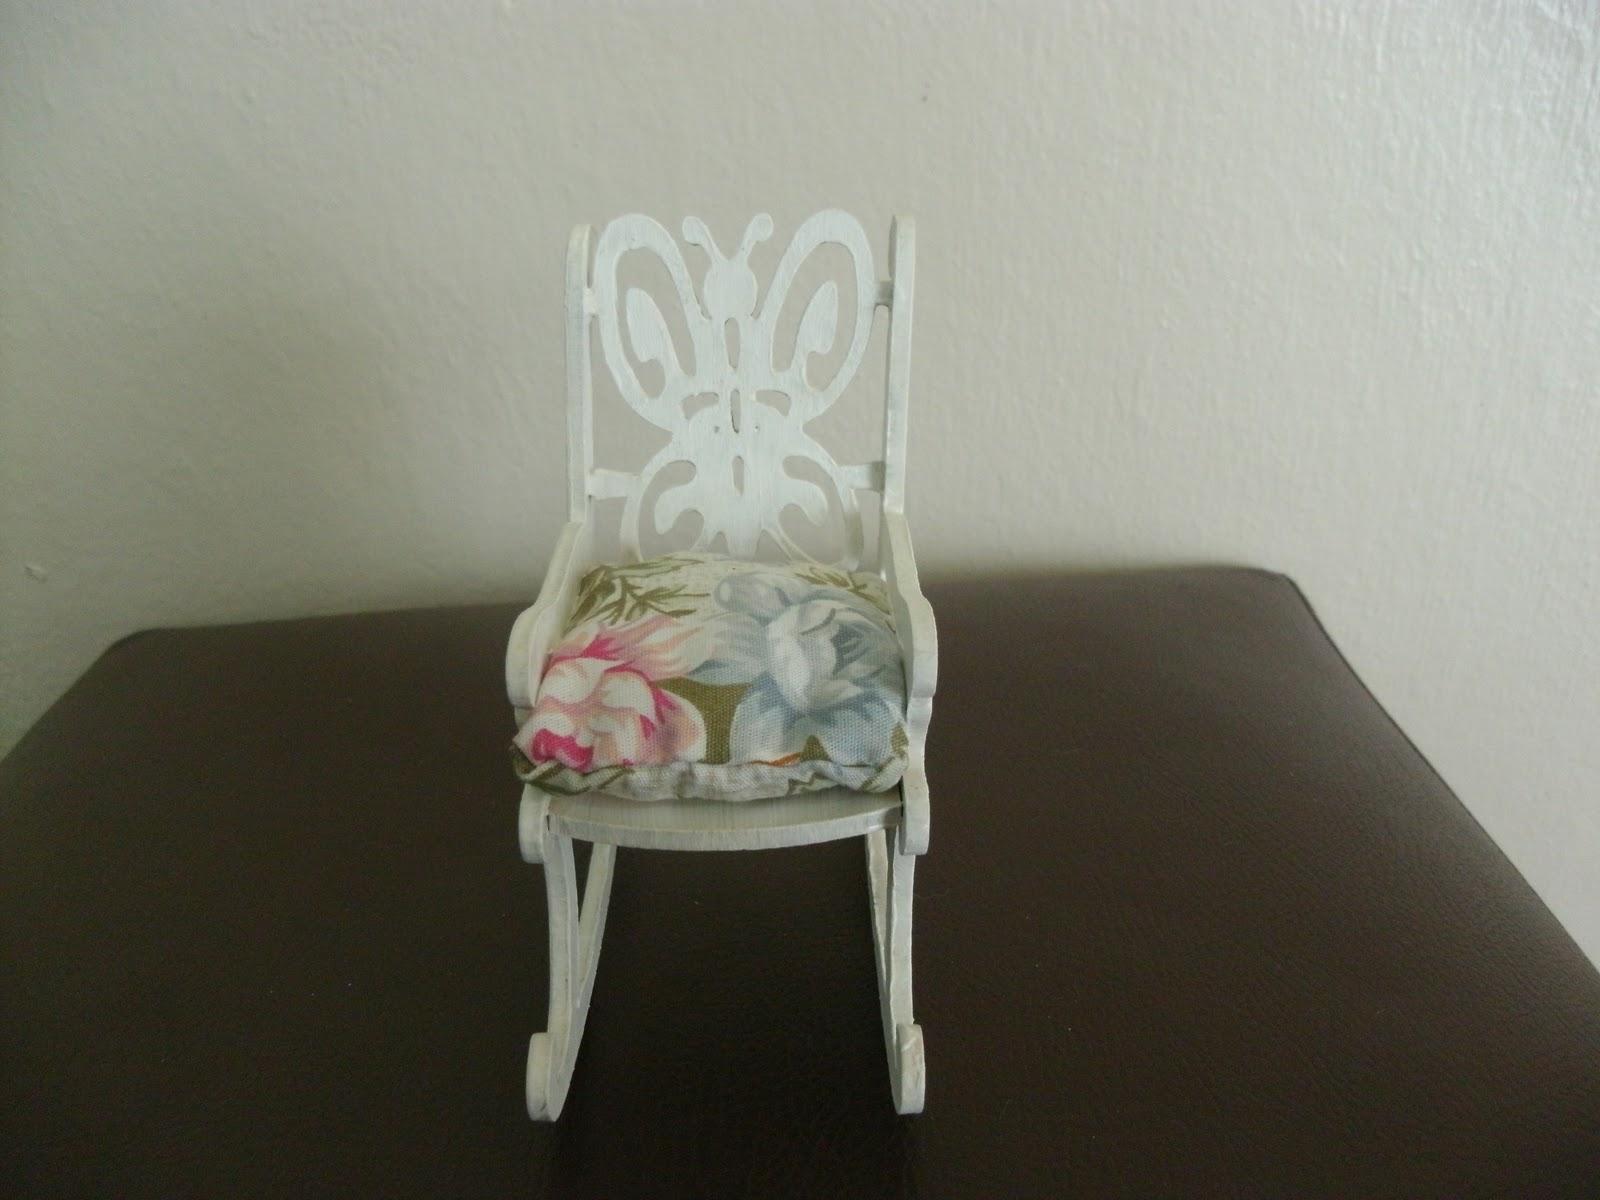 Ju Arte na Praia: Mini cadeira de balanço #884351 1600x1200